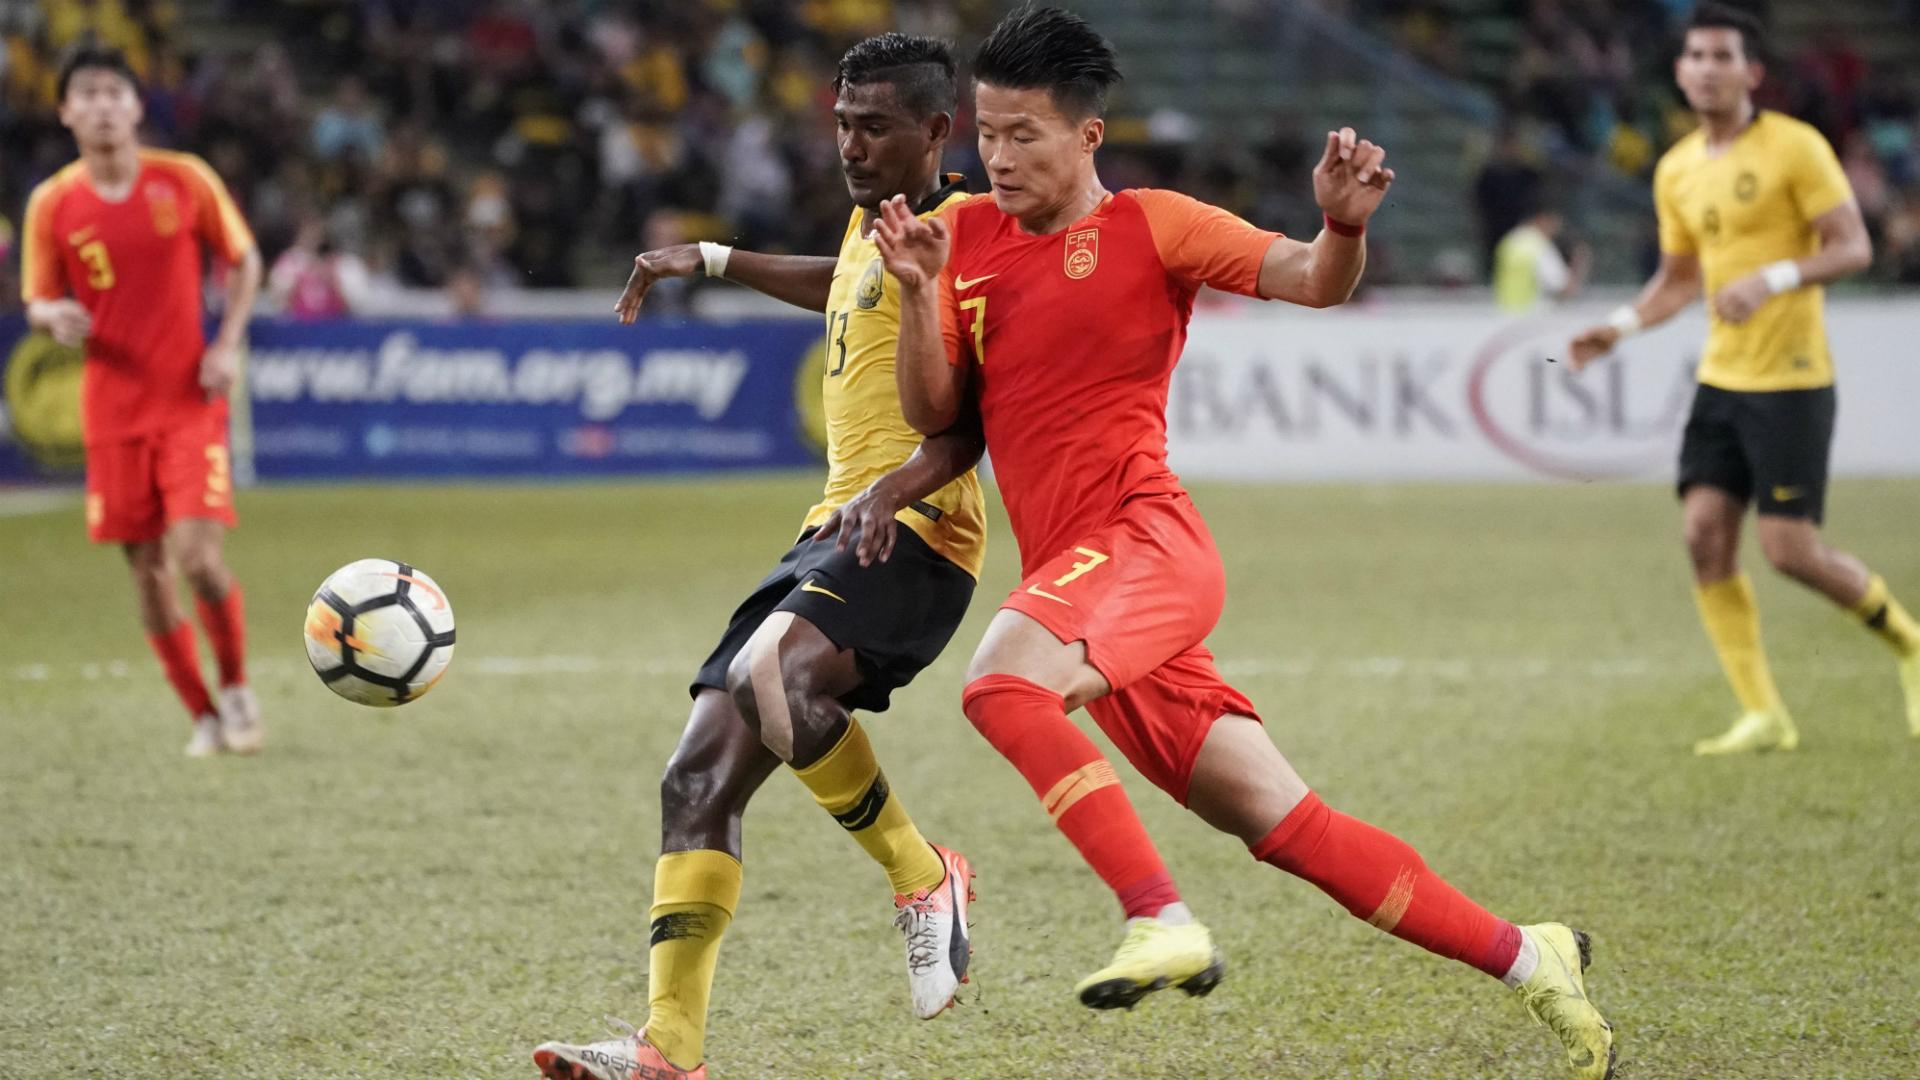 R. Dinesh, Malaysia U23 v China U23, AFC U23 Championship qualifier, 26 Mar 2019